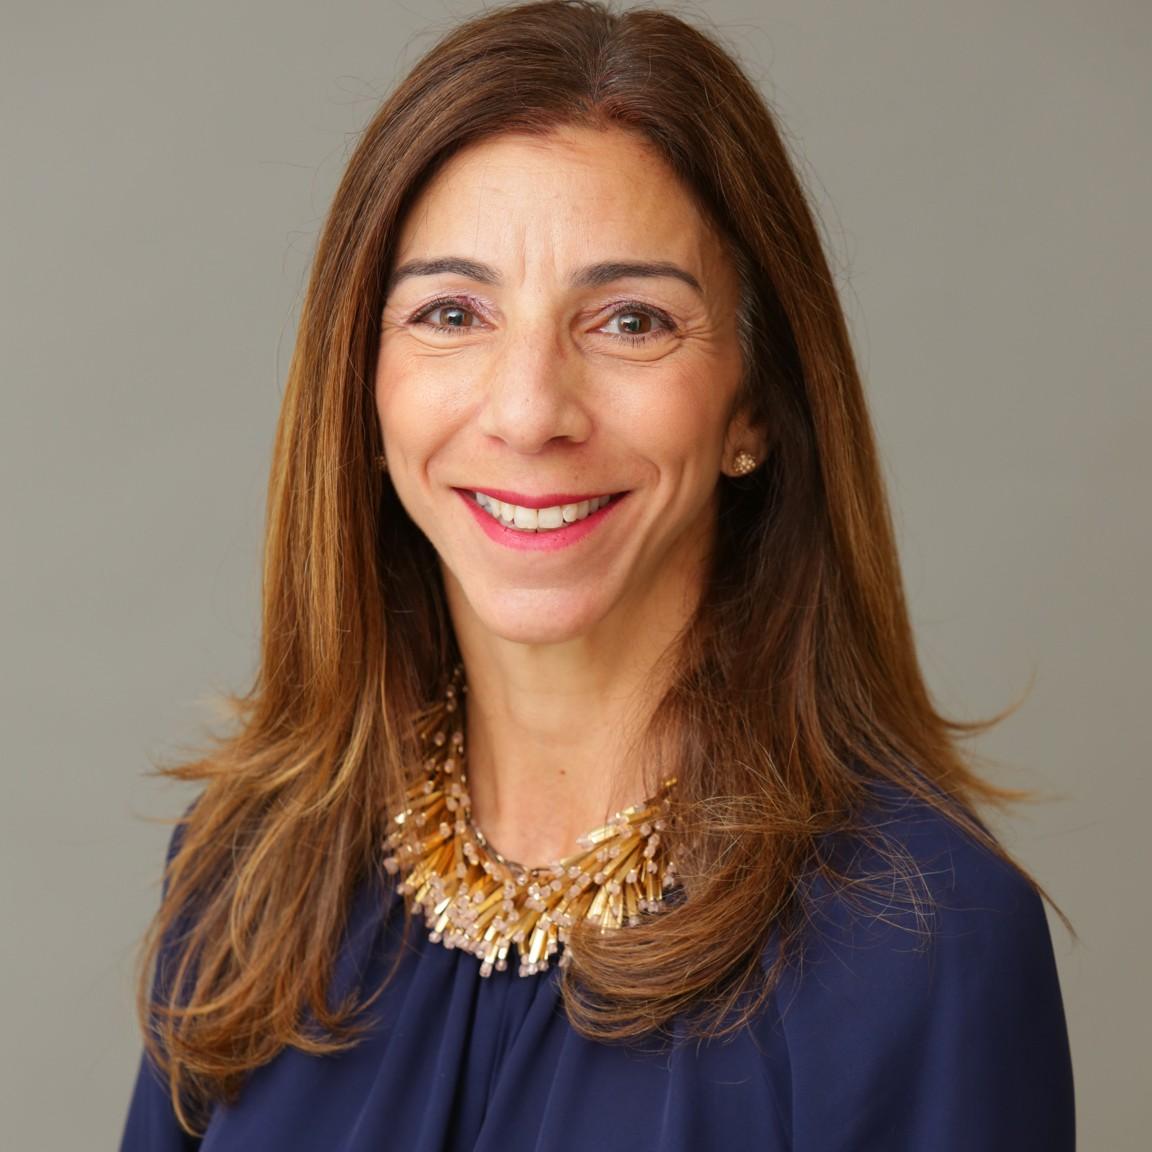 Marisa A. Mastropietro